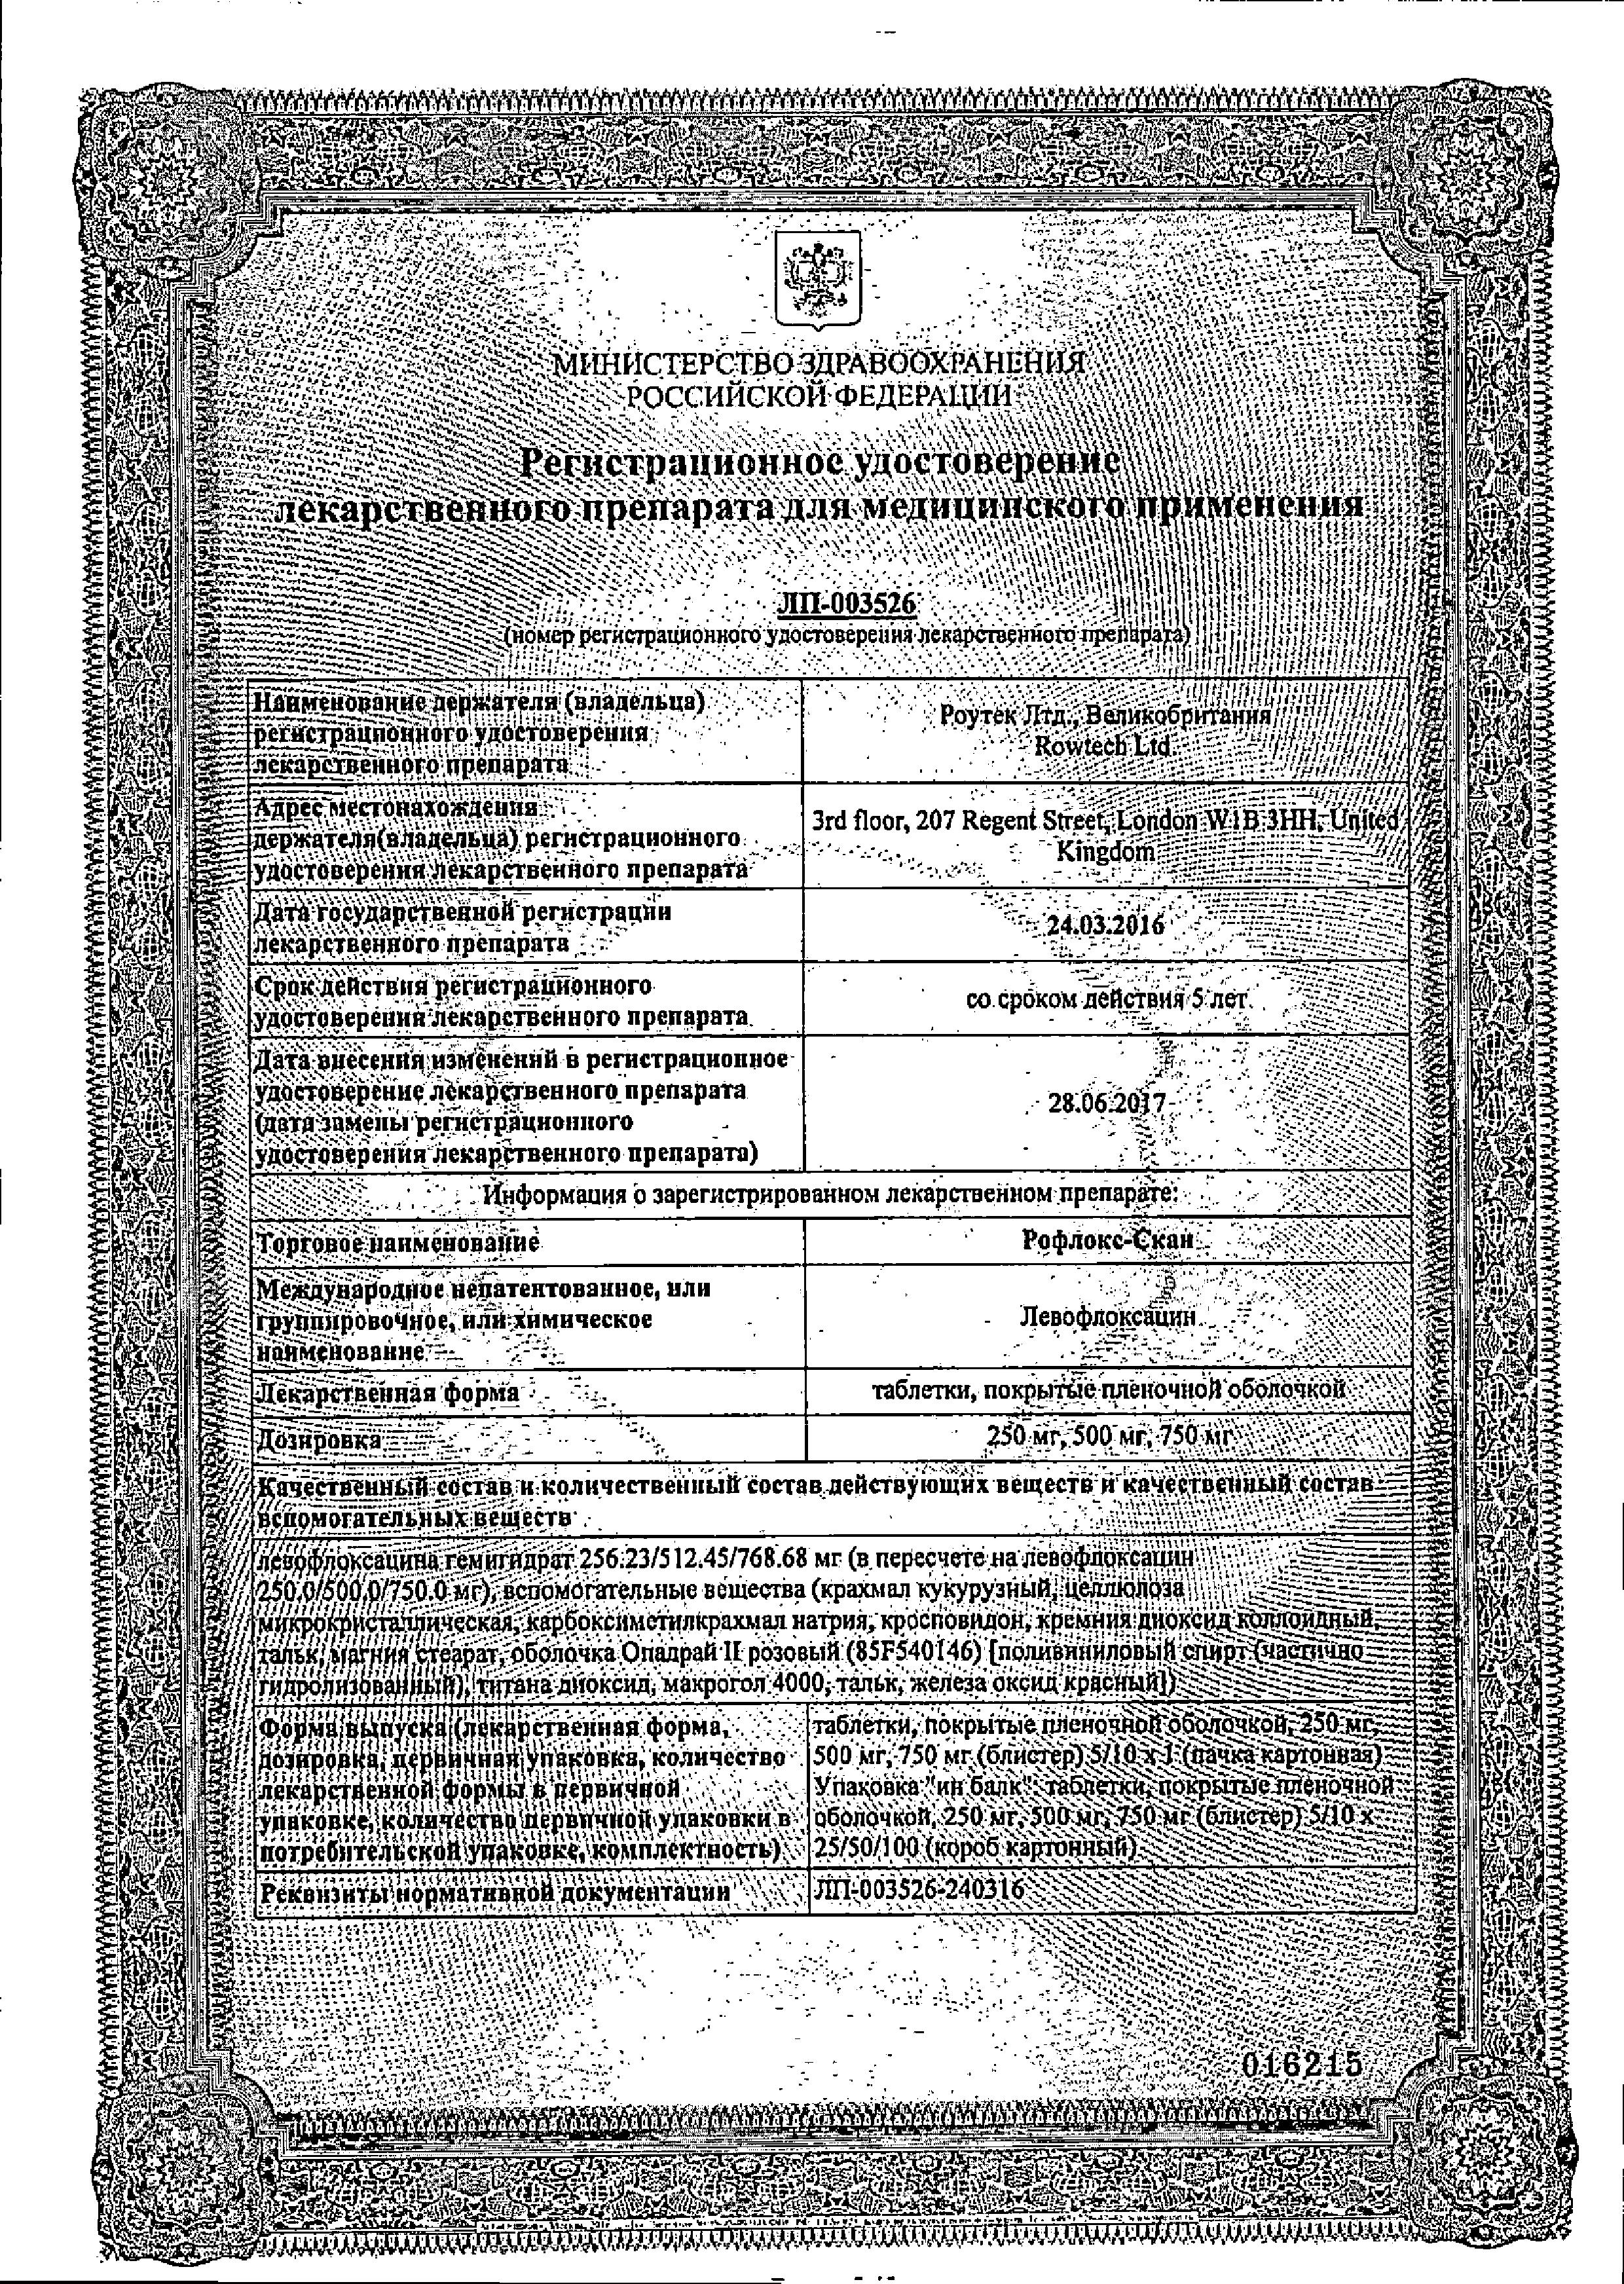 Рофлокс-Скан сертификат